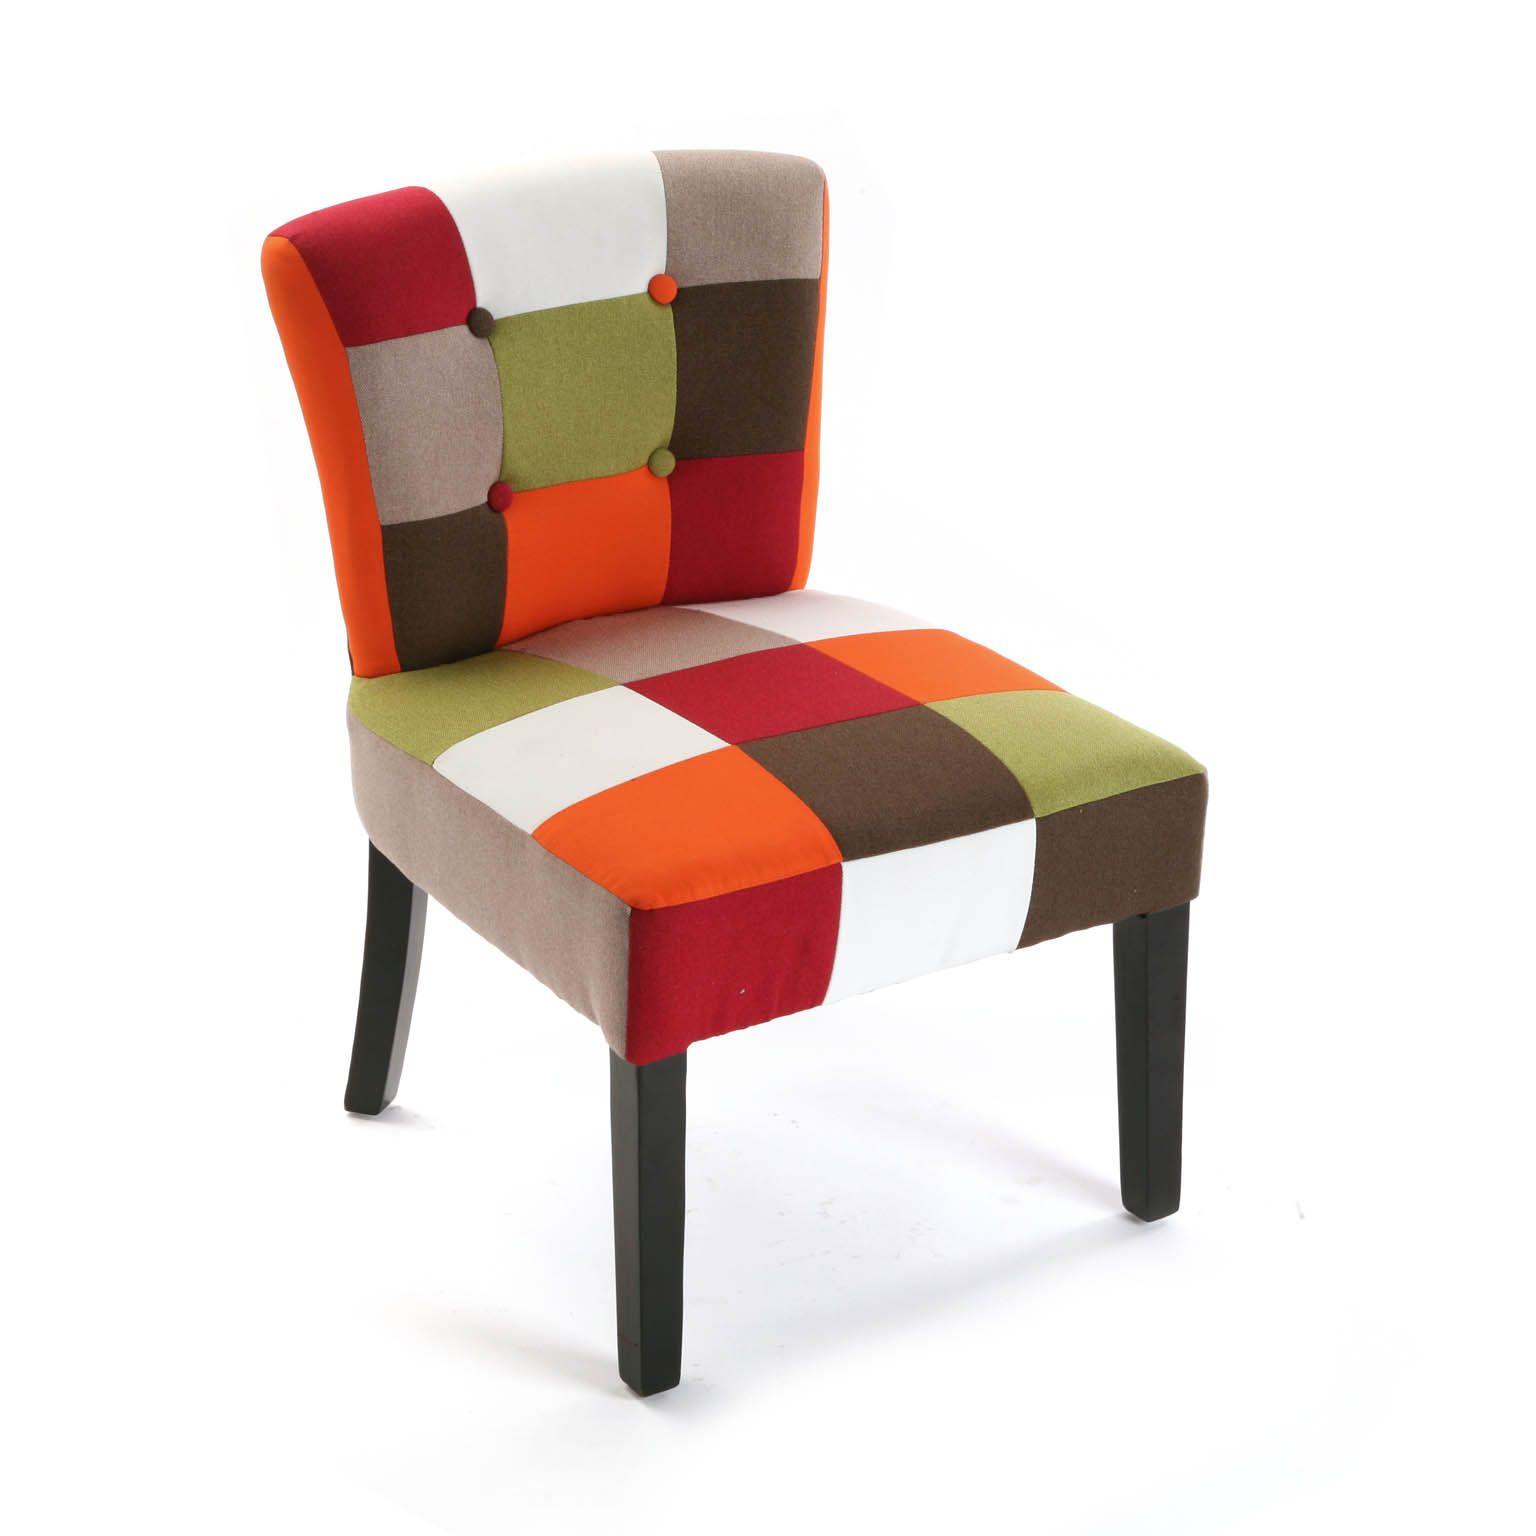 Fauteuil Chaise En Tissu Patchwork Colore Et Pieds Bois 64x62x56cm Green Fauteuil Fauteuil Multicolore Chaises Colorees